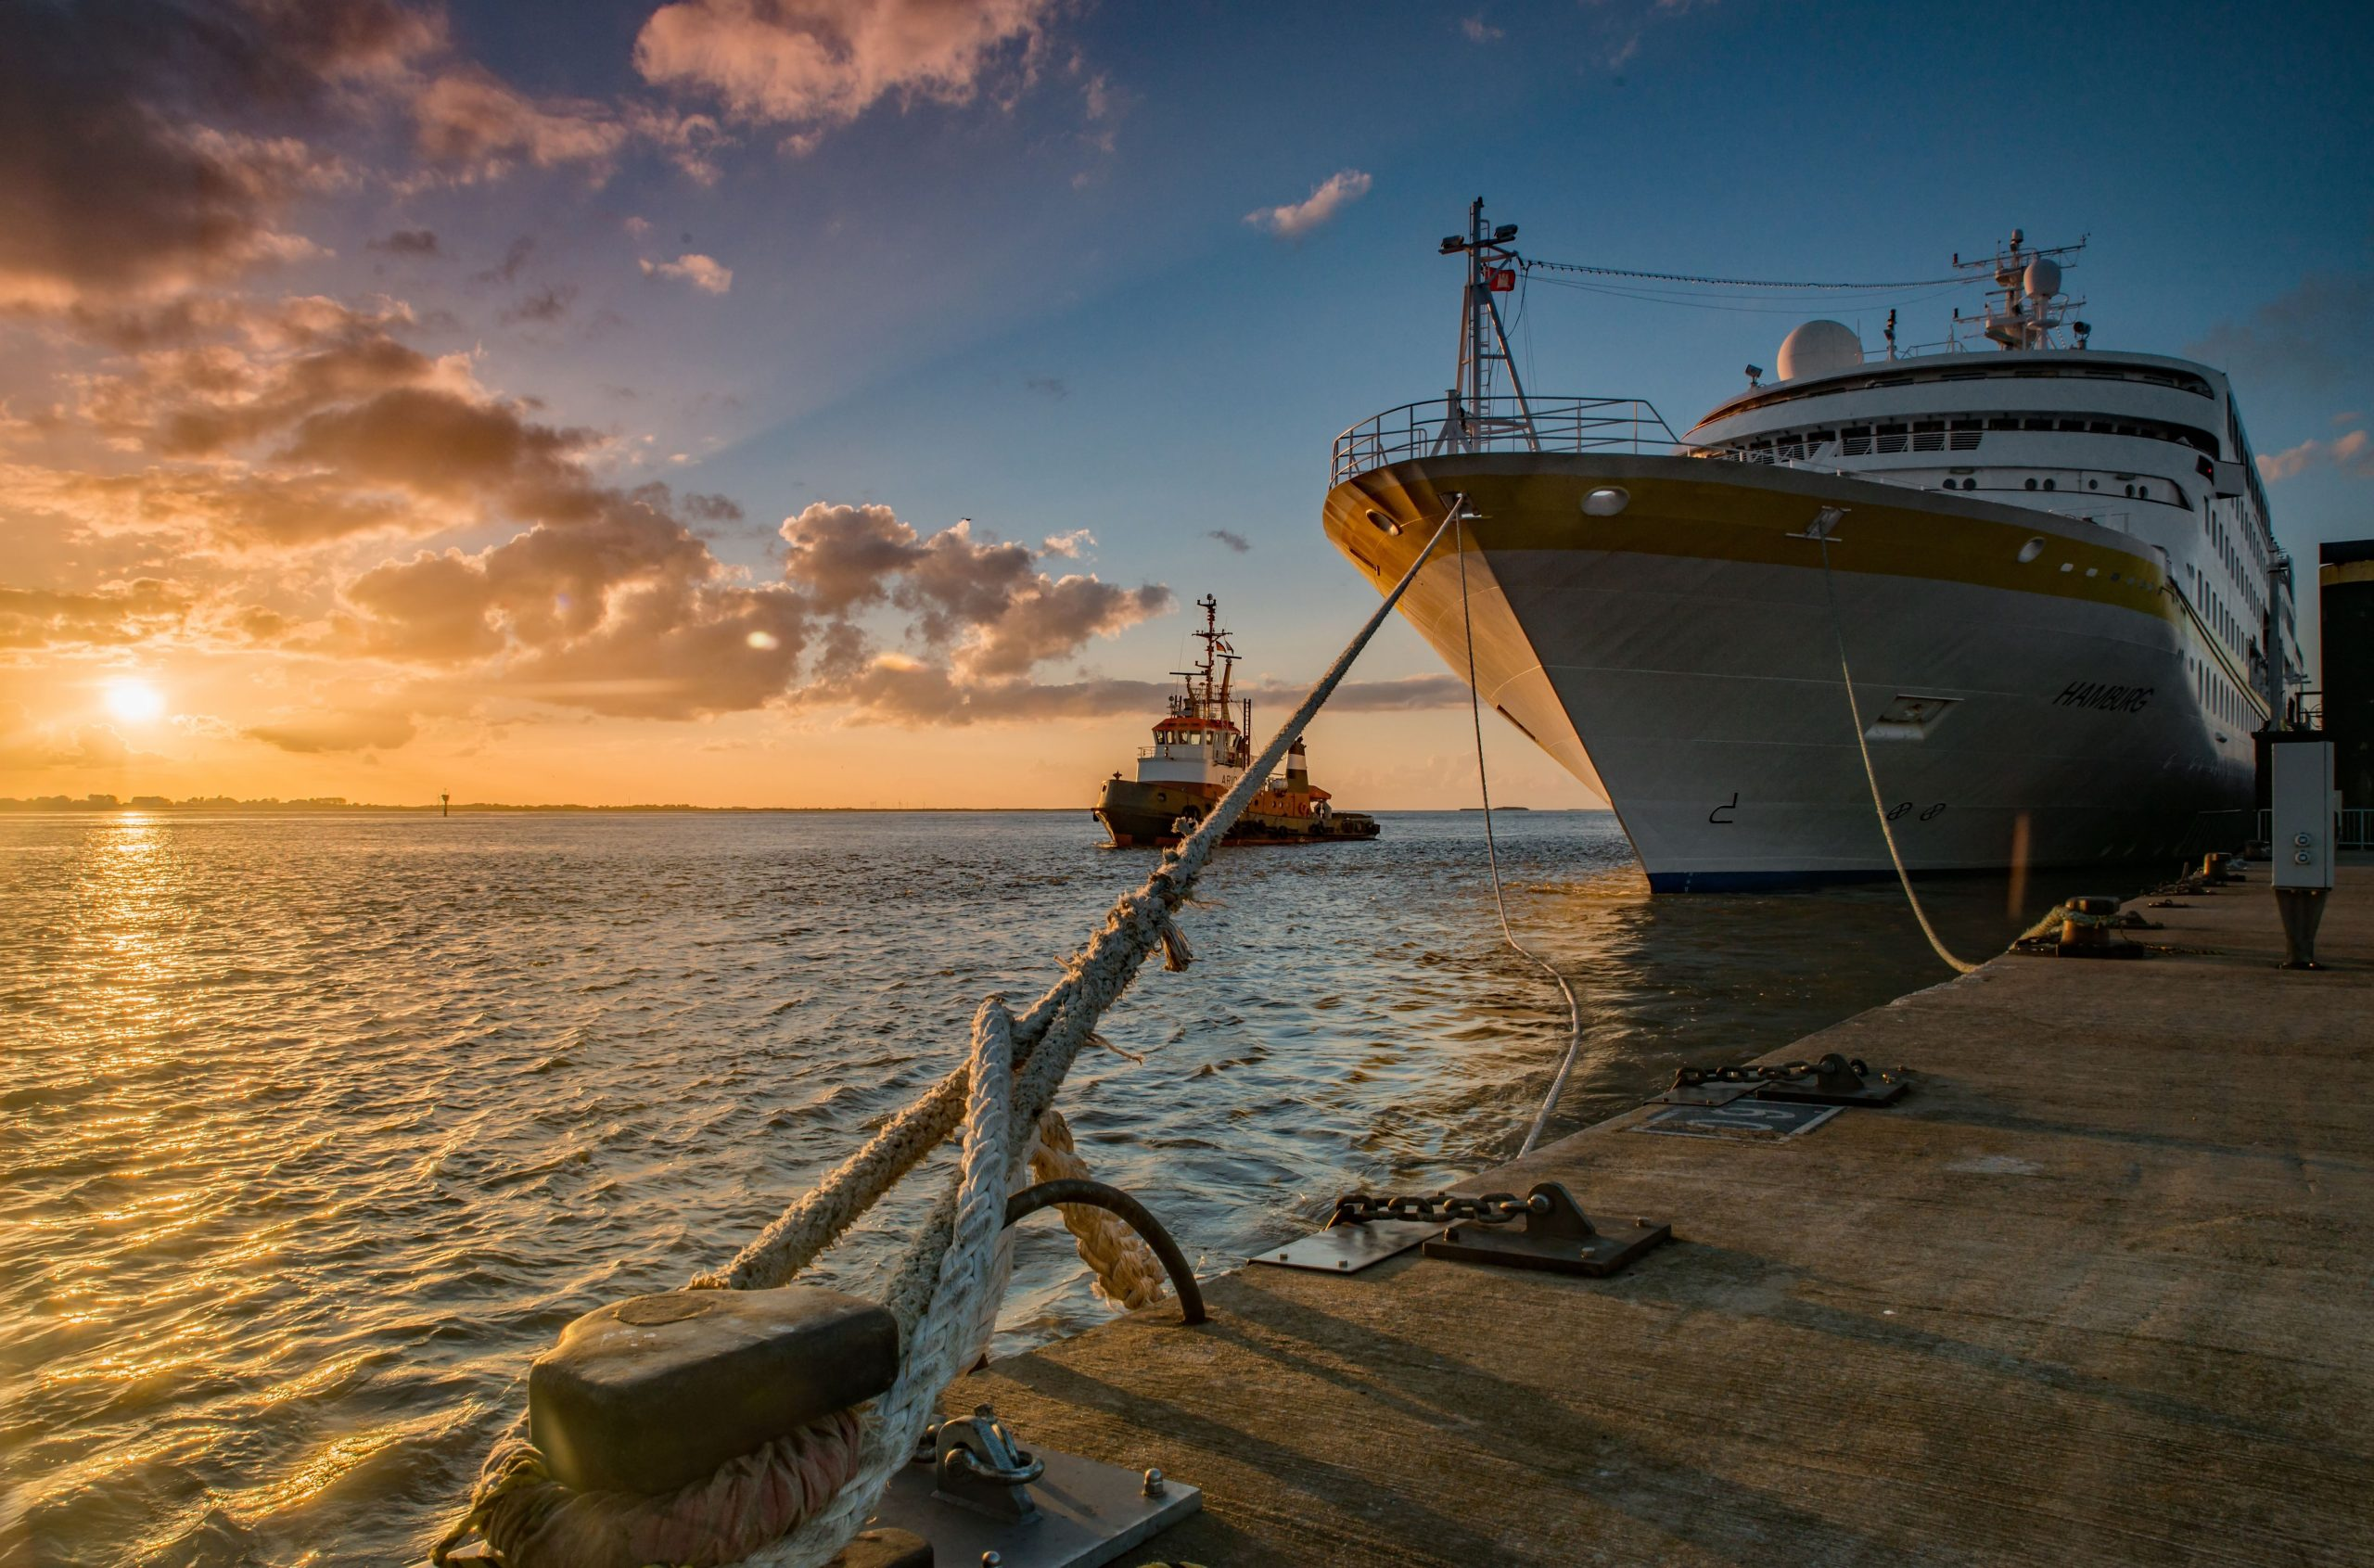 Plantours Kreuzfahrten hat seinen Neustart in der Hochseekreuzfahrt auf den 17. März 2021 festgelegt. Dann legt die MS Hamburg zur ersten Reise durch das Mittelmeer nach Piräus ab.